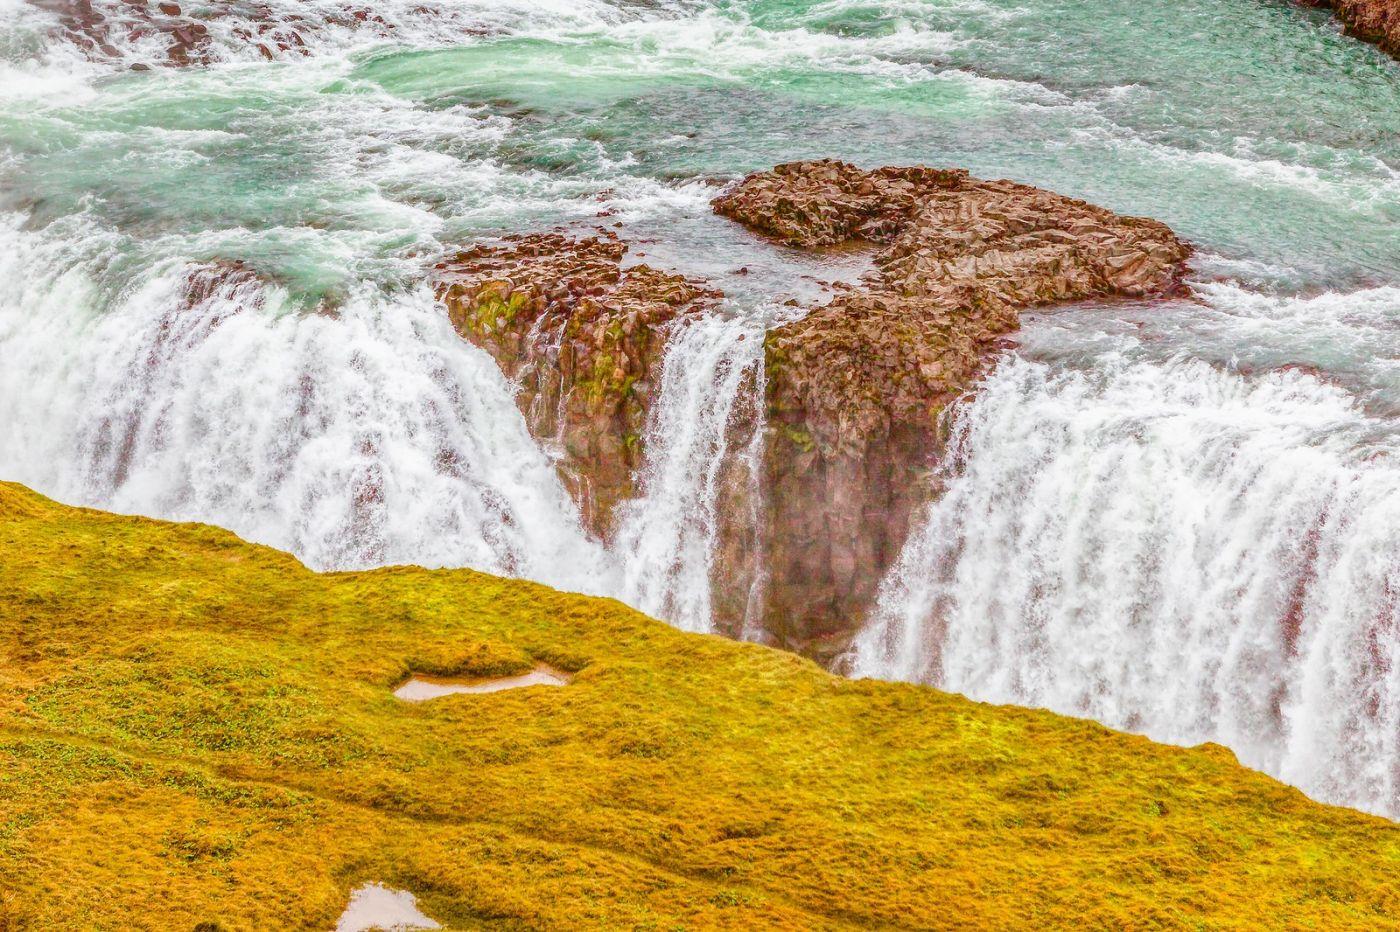 冰岛古佛斯瀑布(Gullfoss),气势磅礴_图1-27